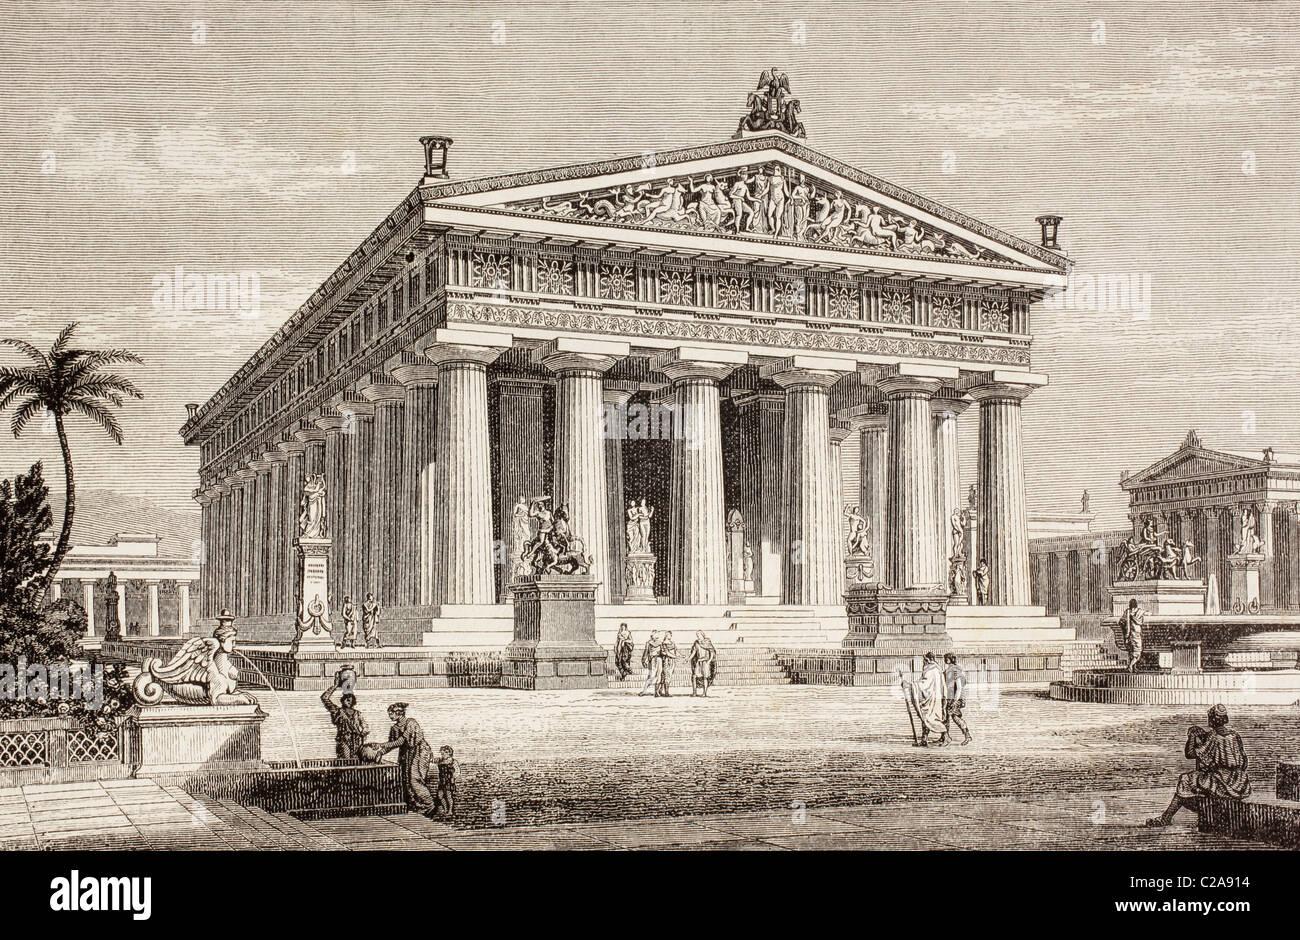 Artista della impressione del tempio di Poseidone o Nettuno, Paestum, Italia. Immagini Stock